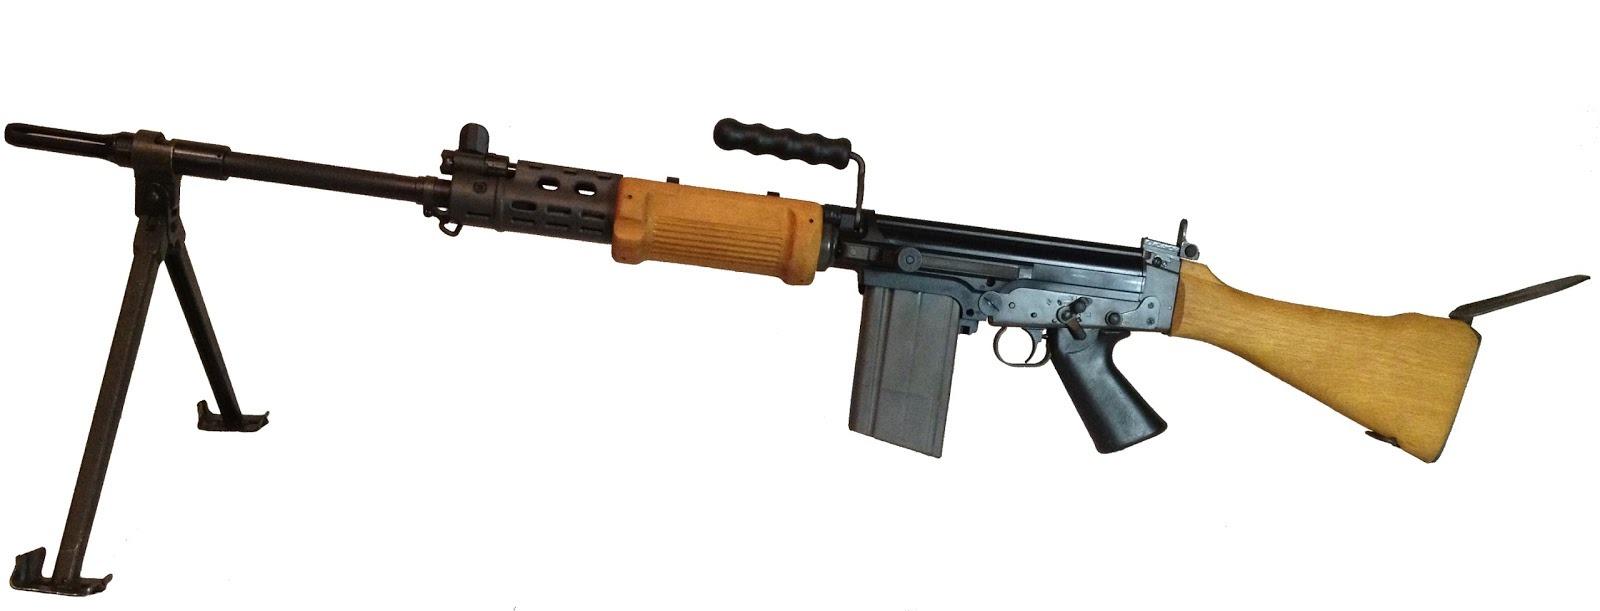 En la guerra de independencia de Israel, la Haganah estaba usando cualquier  arma que pudiera tener en sus manos - Kar98ks, Sten, SMLEs, etc.